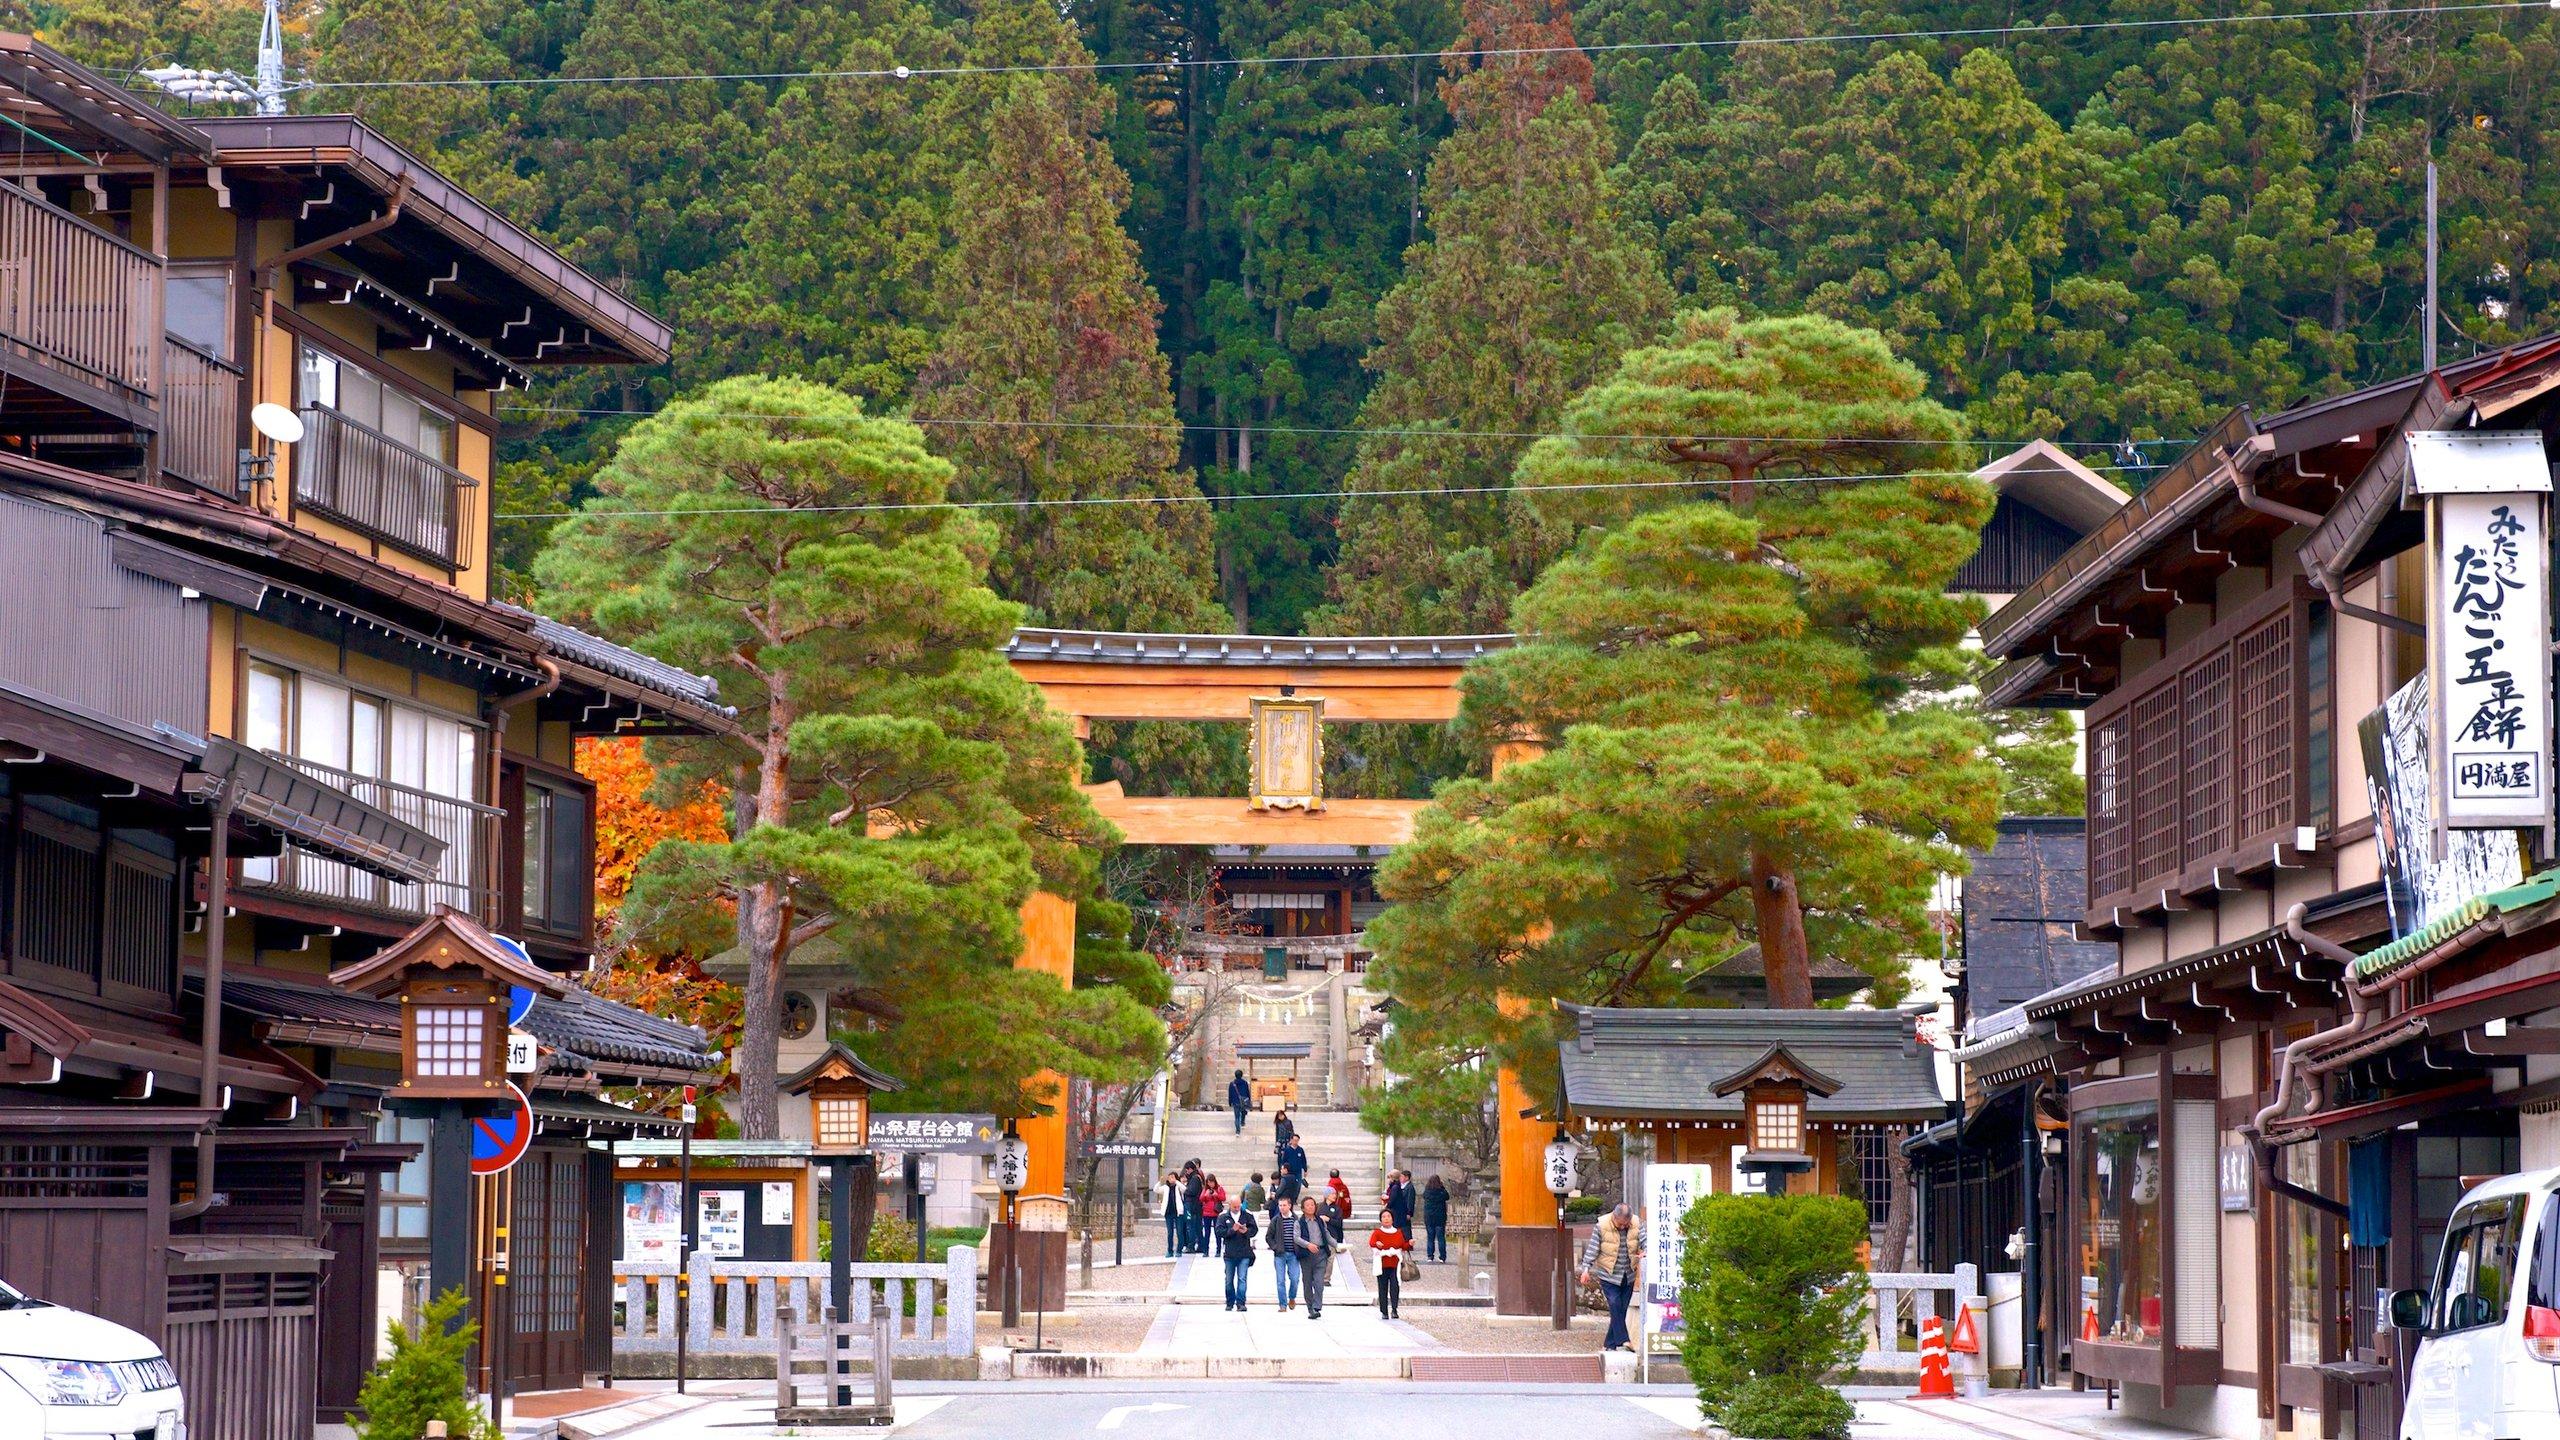 Takayama, Gifu (prefecture), Japan